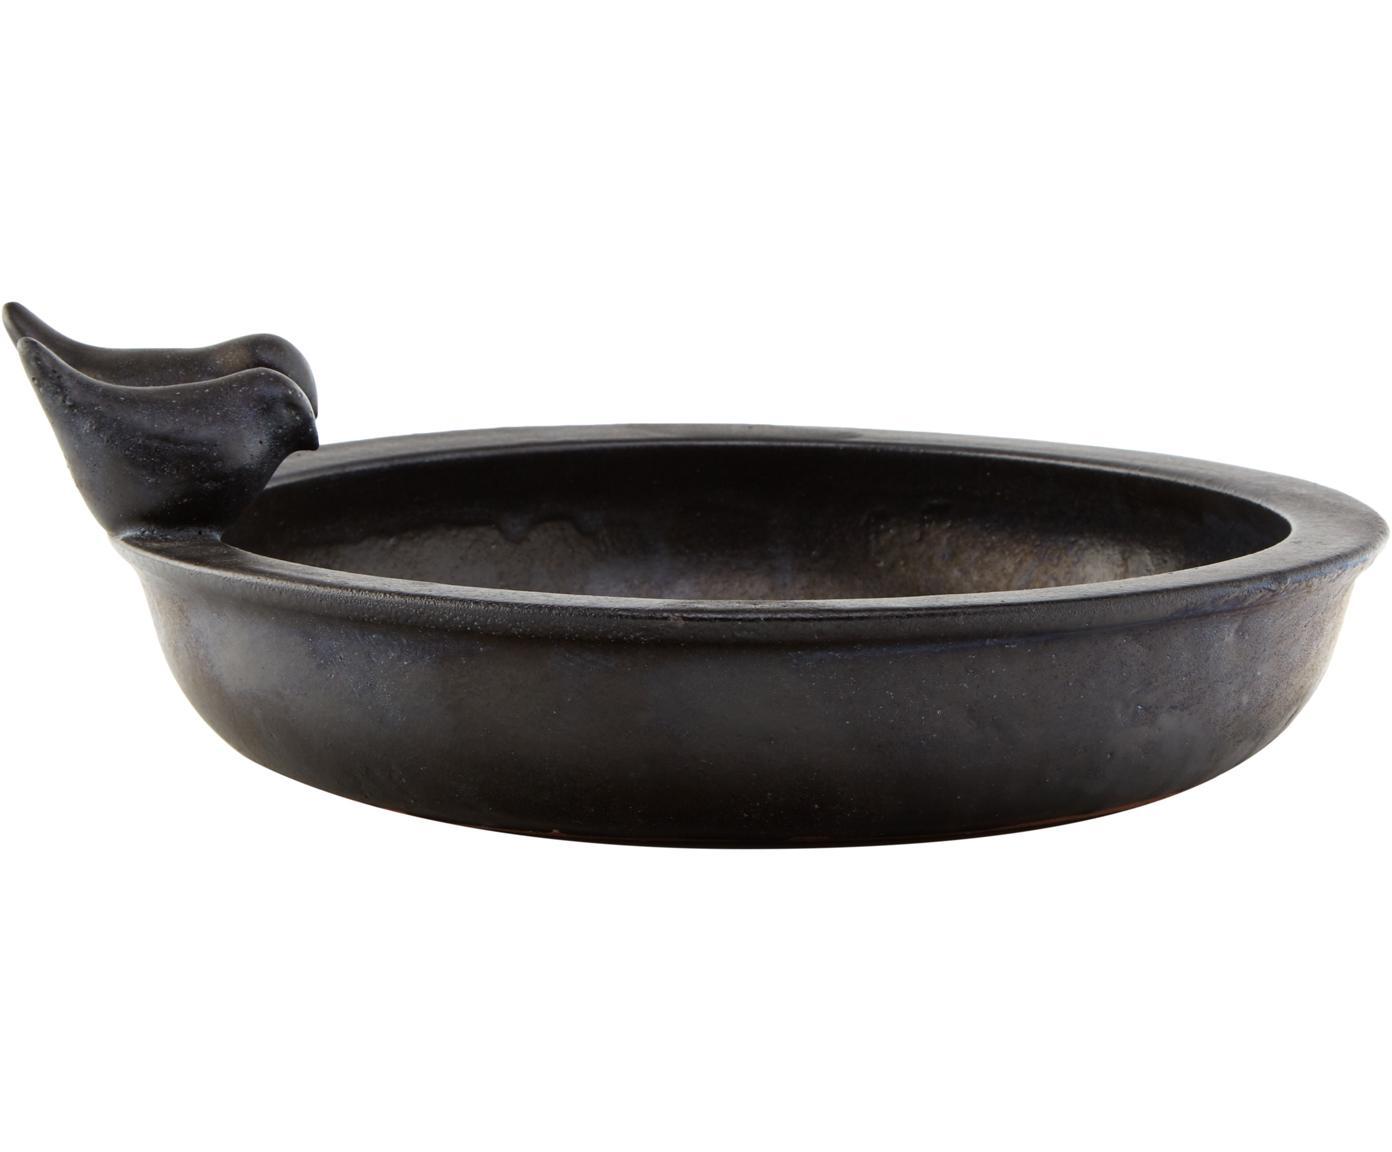 Vasca per uccelli Keram, Ceramica, Nero, Larg. 33 x Alt. 11 cm